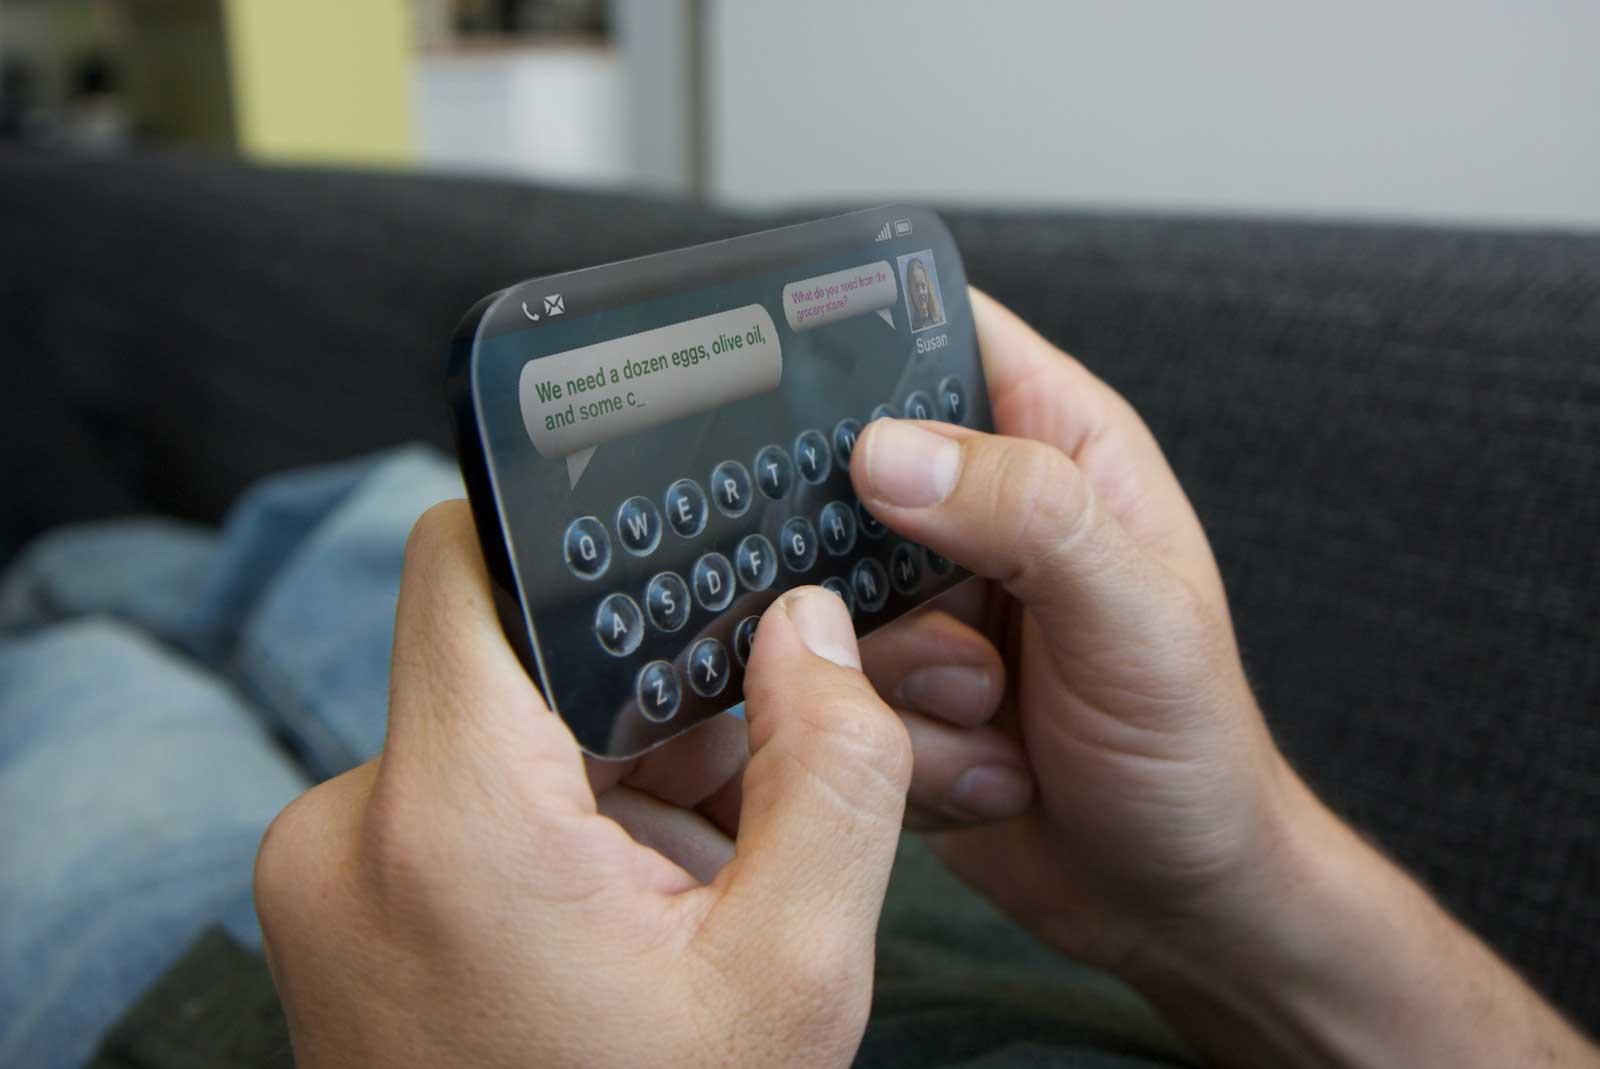 Accesibilidad en la era de los dispositivos de pantalla táctil